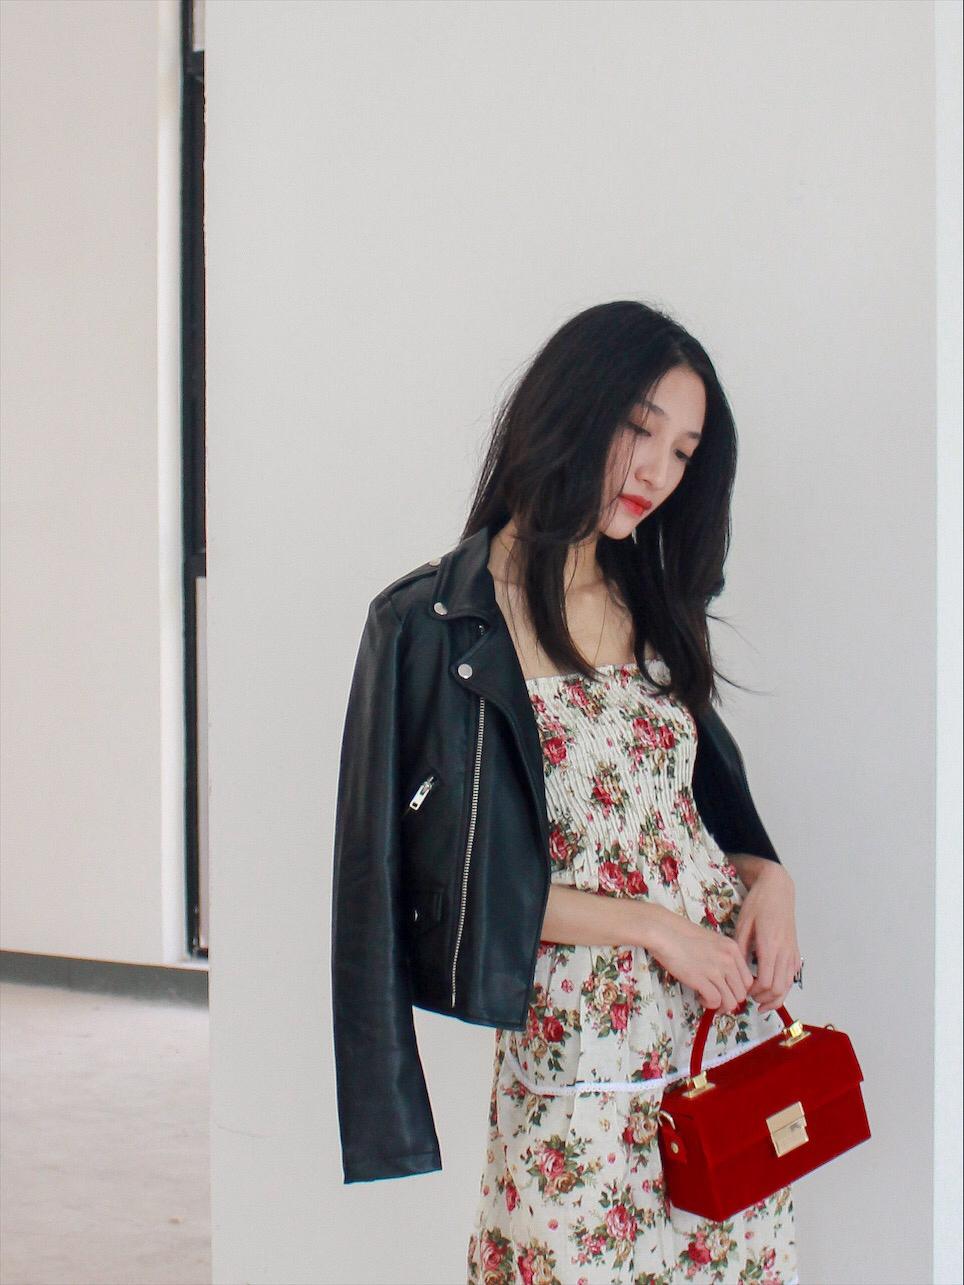 #正流行的罂粟红,你PICK了吗#  ❥上次搭配了短的连衣裙,比较活泼可爱,这次同样是碎花连衣裙,确实比较有女人味的感觉哦~ ❥穿法除了正常穿着,还可以披着、绑在腰间,舒适随性就好~ ❥是属于,长裙本身比较容易穿出女人味,跟皮夹克的强烈对比,更能体现的混搭了~ ❥夸张的流行色,局部点缀更能hold住,而且跟裙子的红色呼应,加上红唇,和谐不突兀哦~